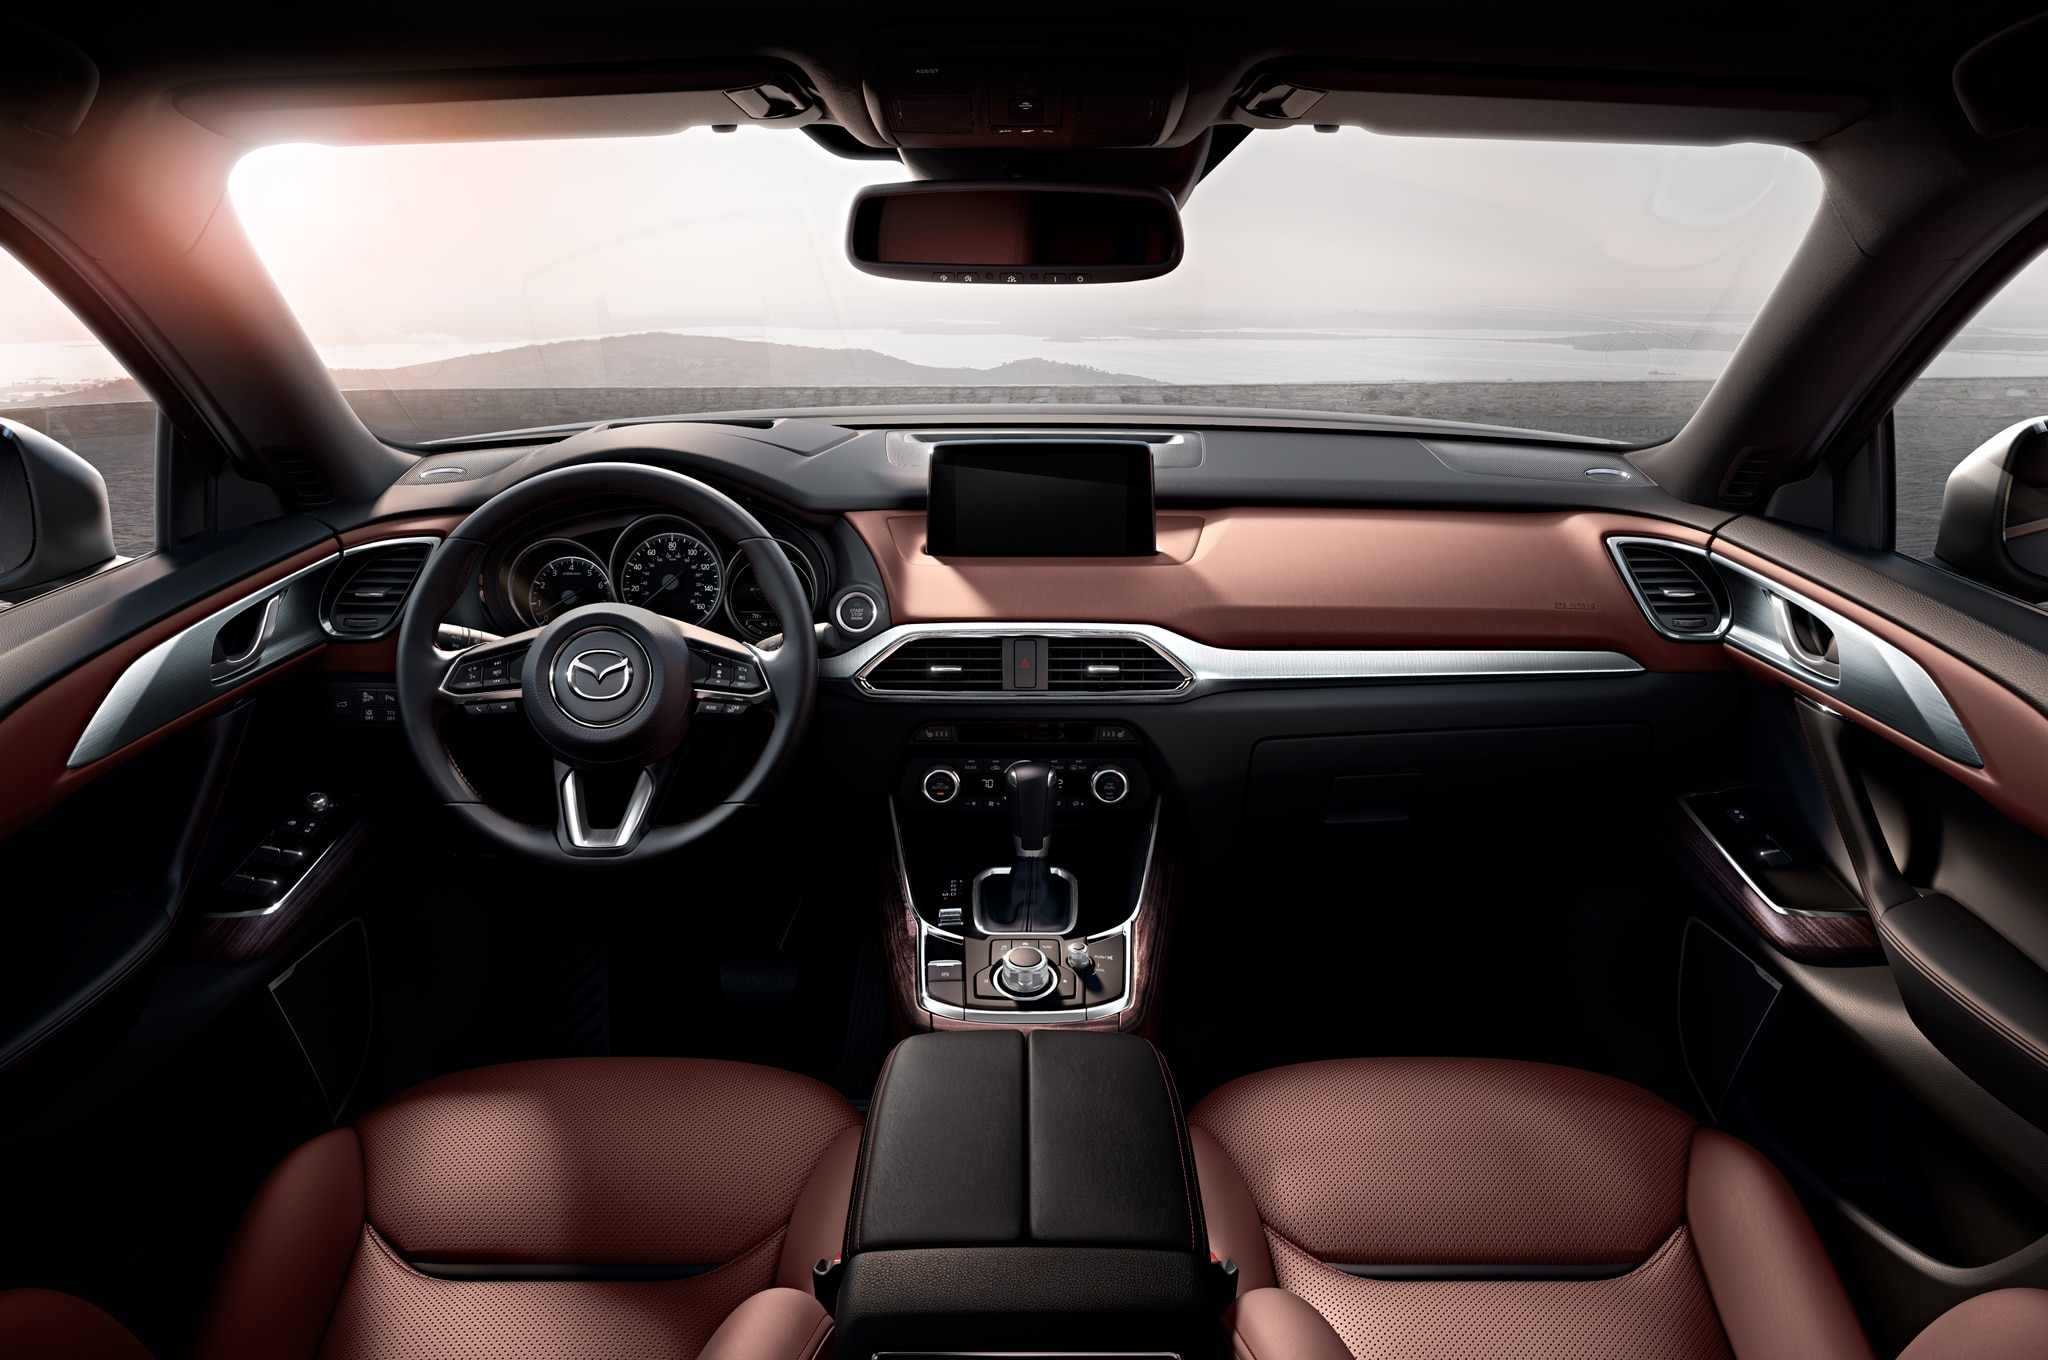 2016 Mazda CX 9 interior 031